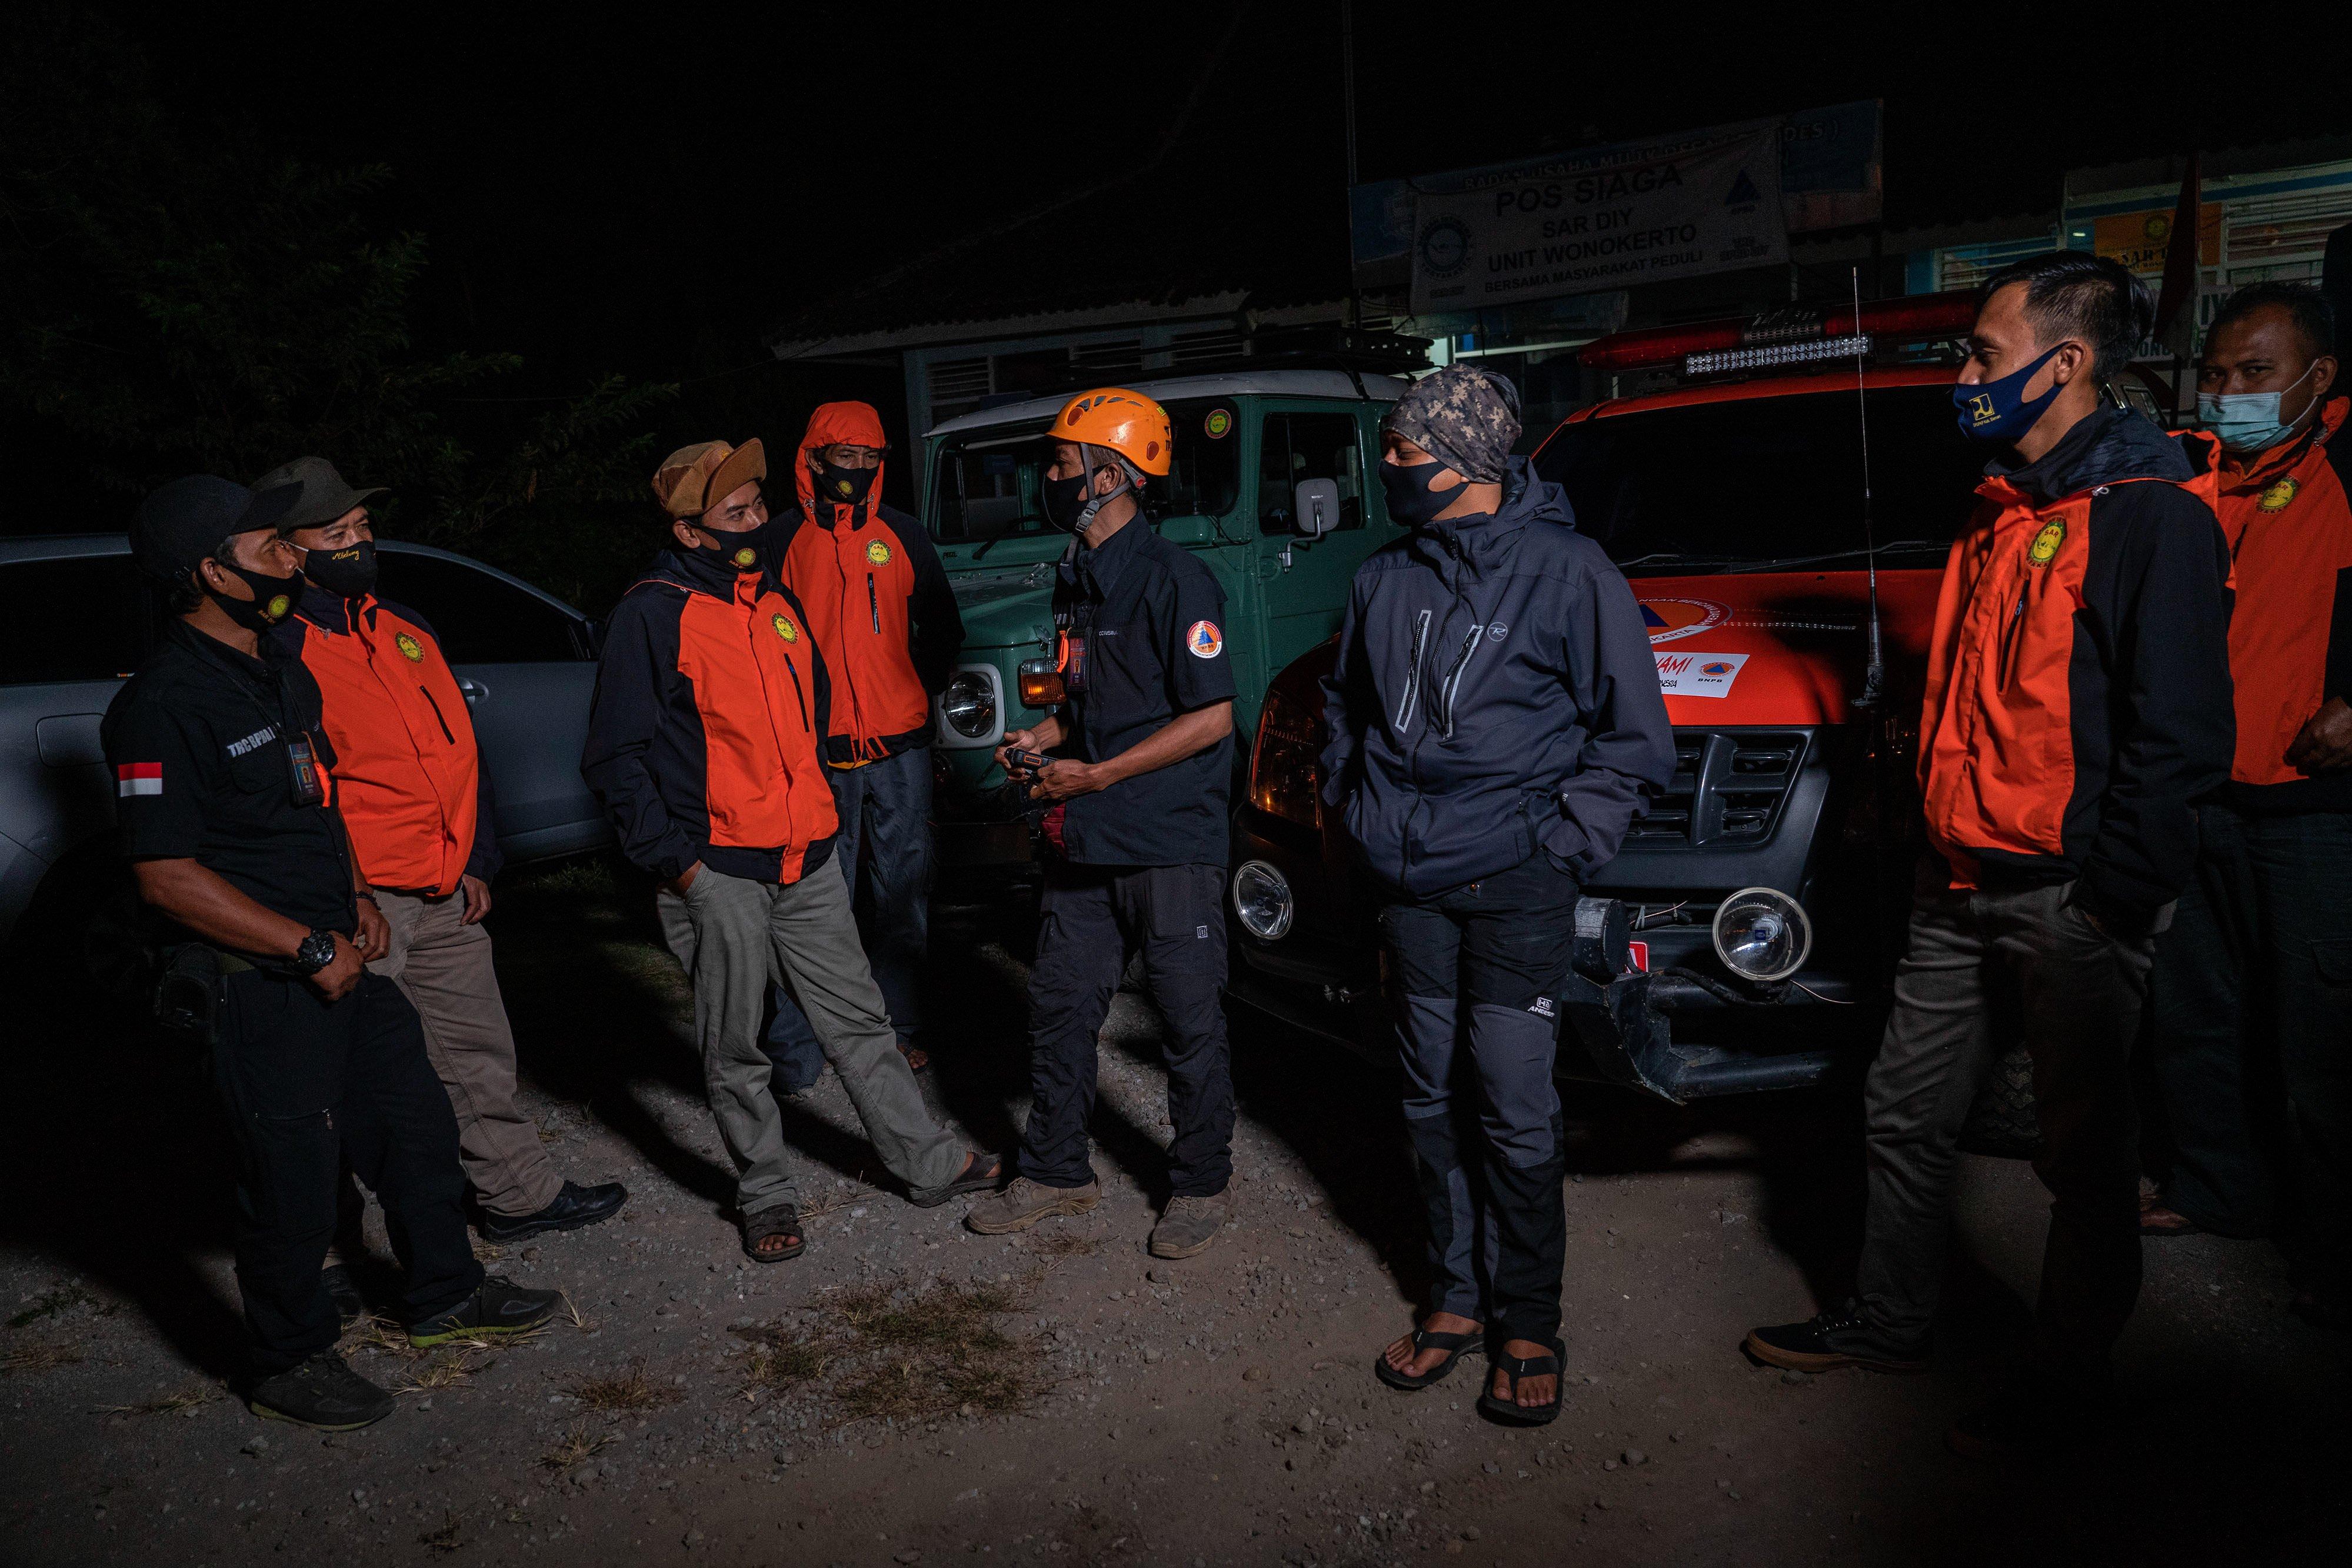 Anggota Tim Reaksi Cepat (TRC) BPBD DIY berbincang saat mengunjungi pos relawan SAR DIY sektor barat di Wonokerto, Turi, Sleman, DI Yogyakarta.